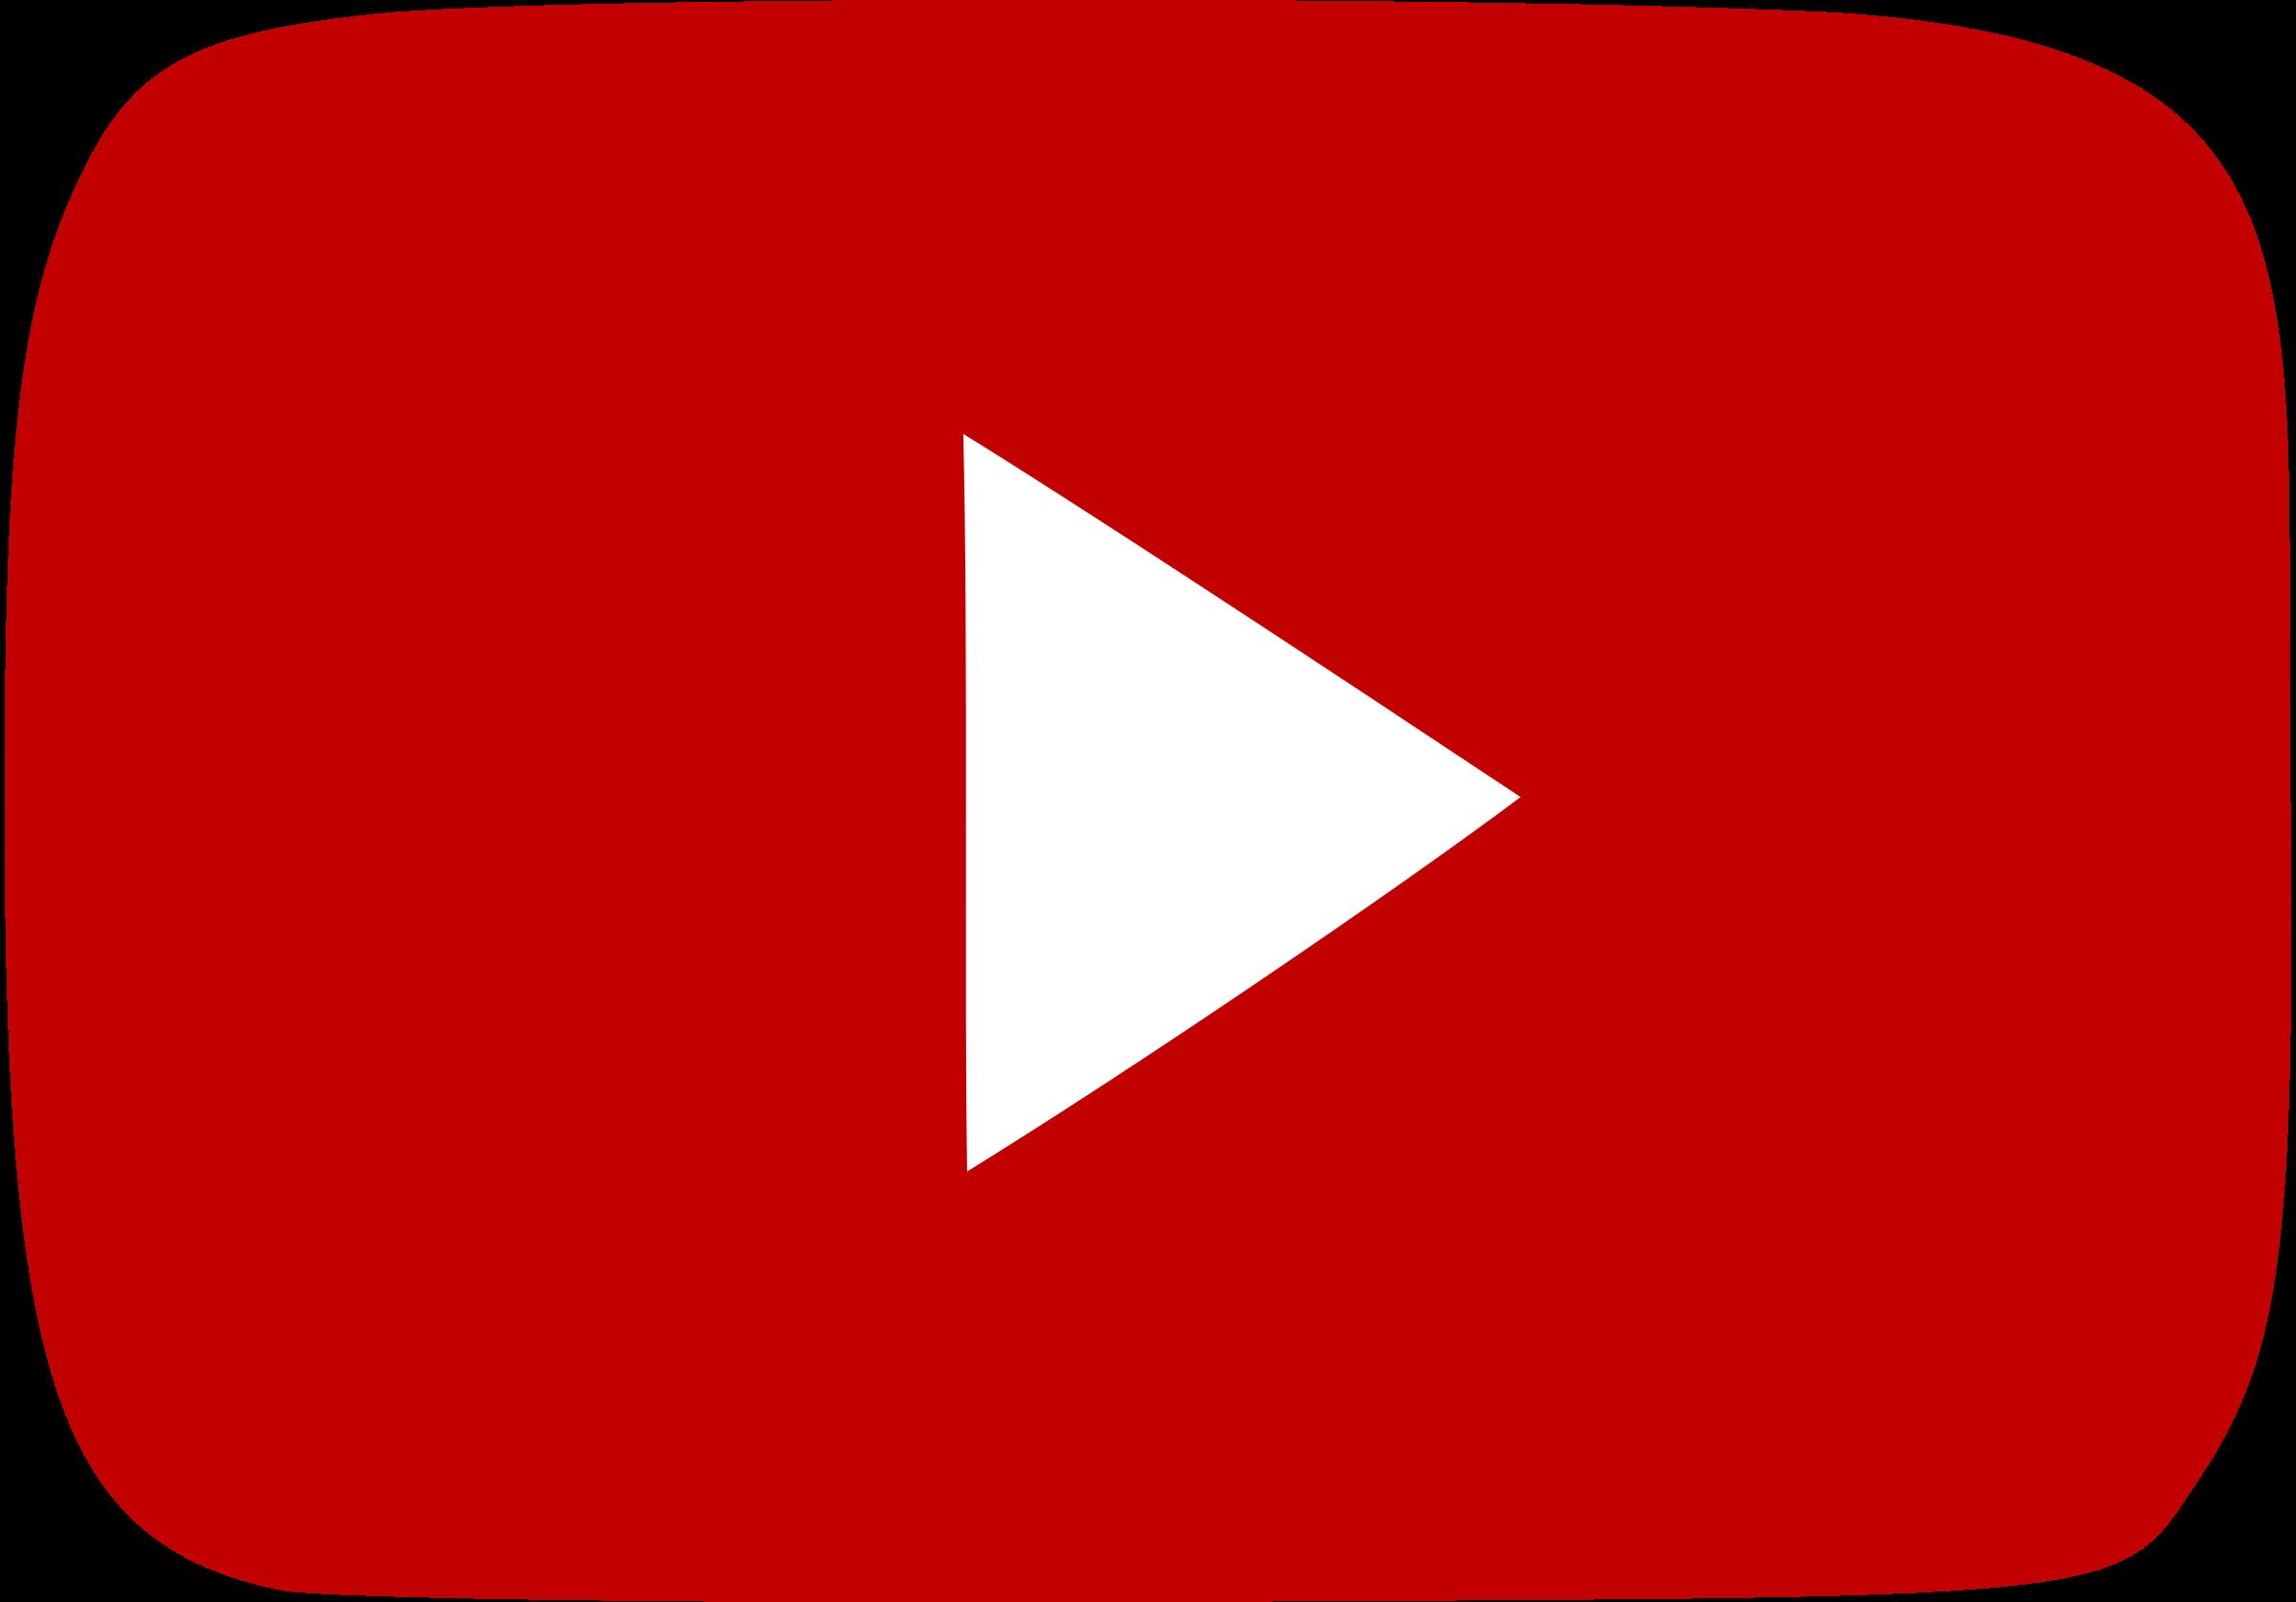 youtube-play-button-jq09nq-clipart